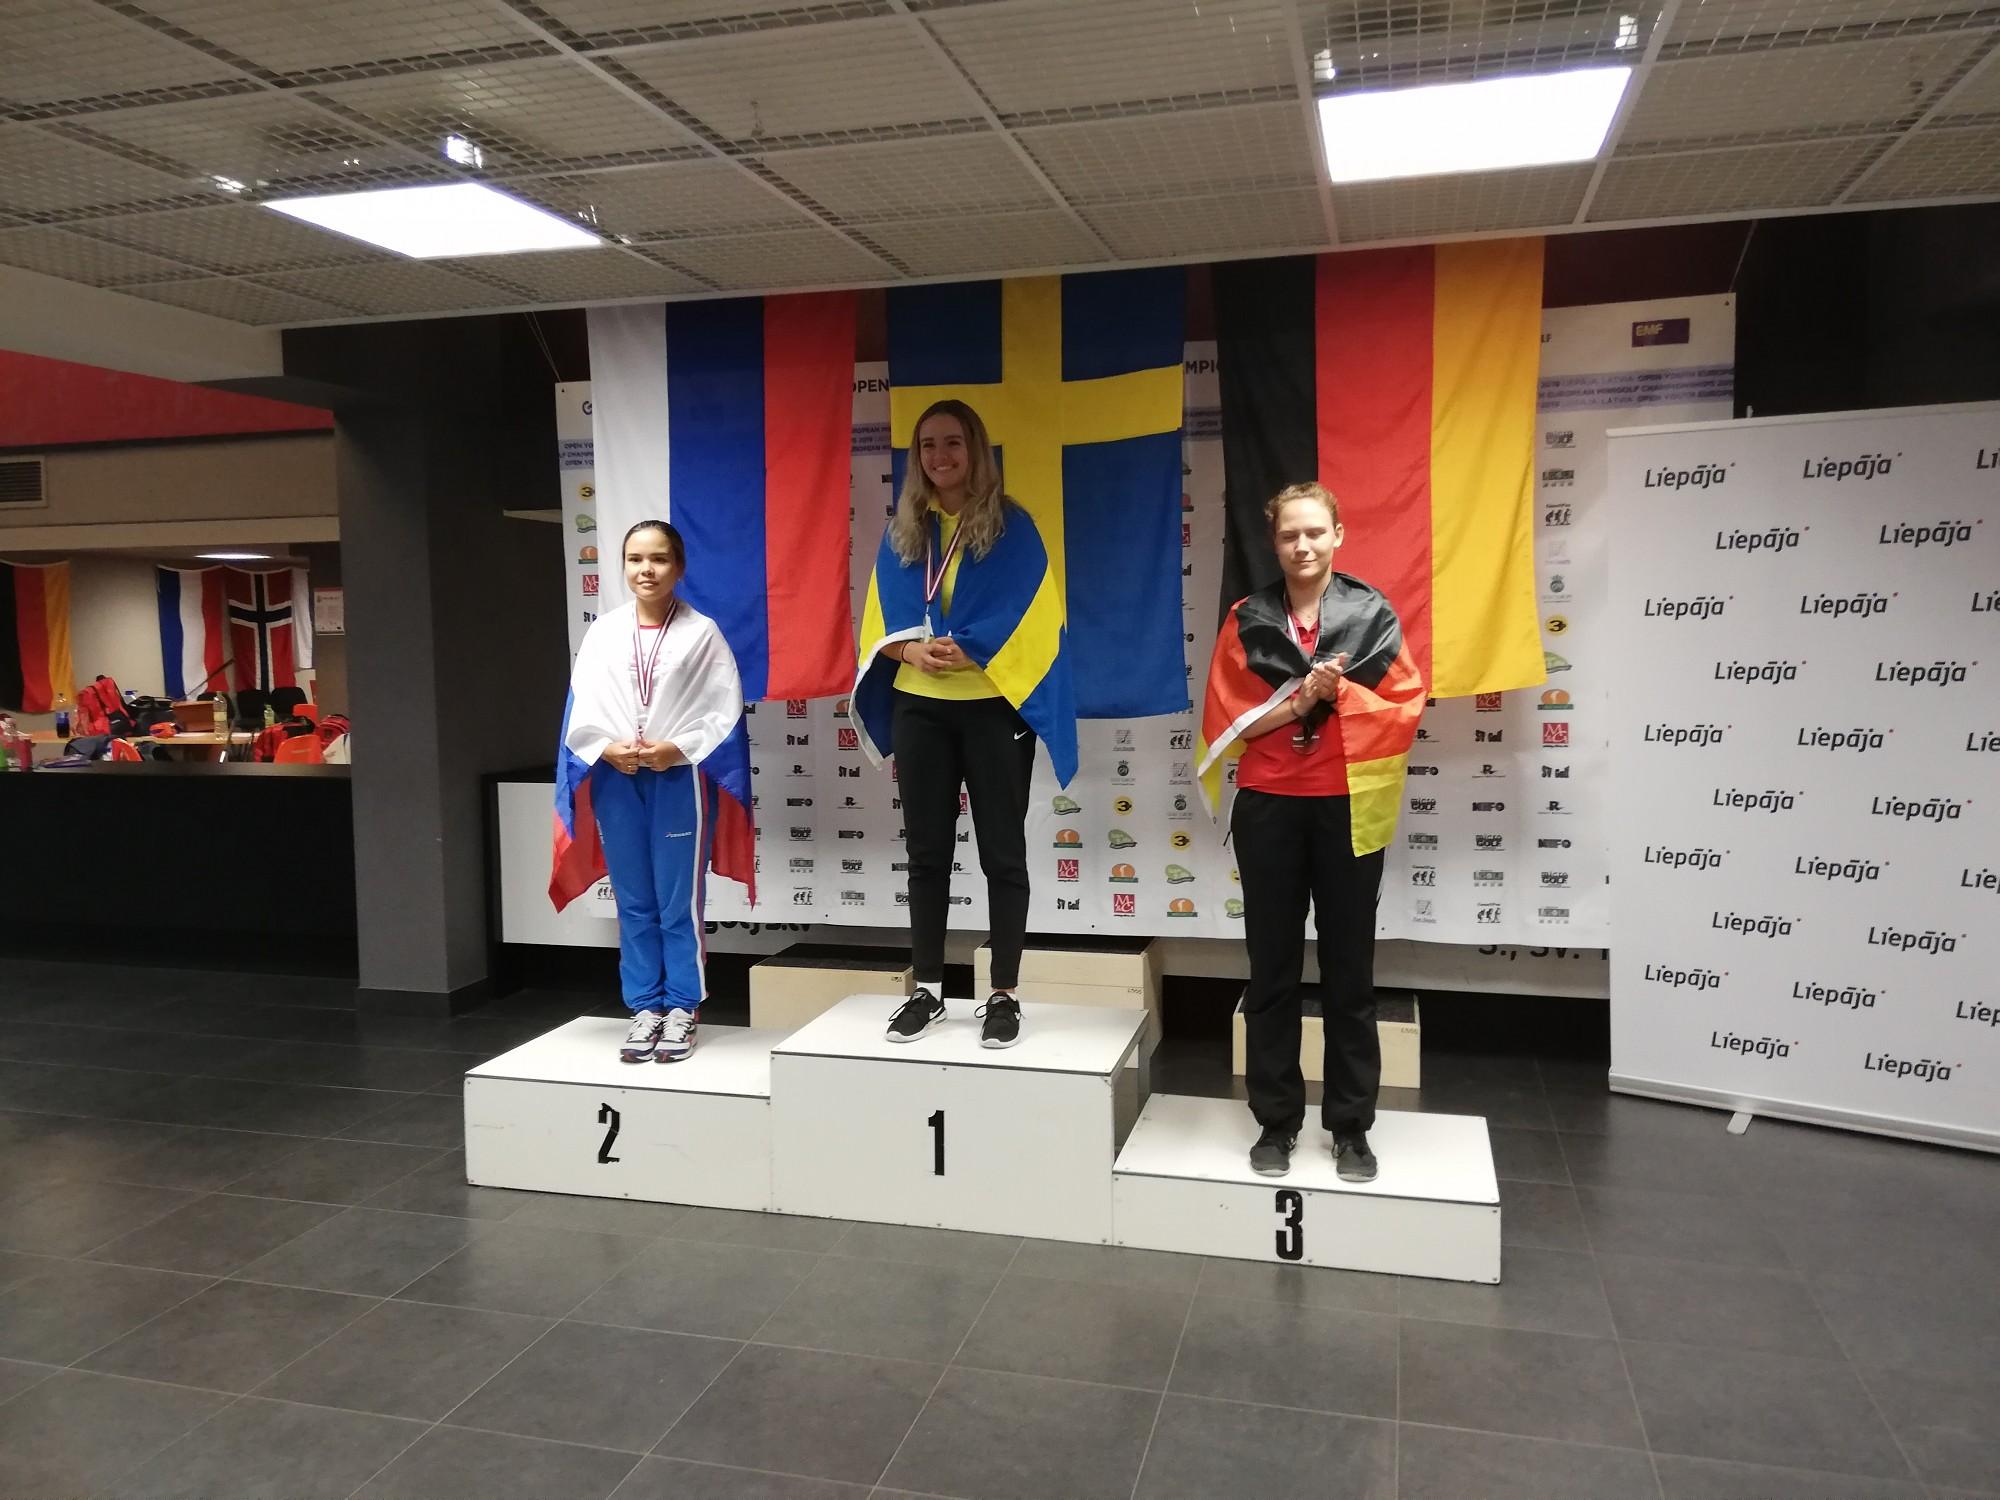 Liepājā noslēdzies Eiropas junioru čempionāts minigolfā